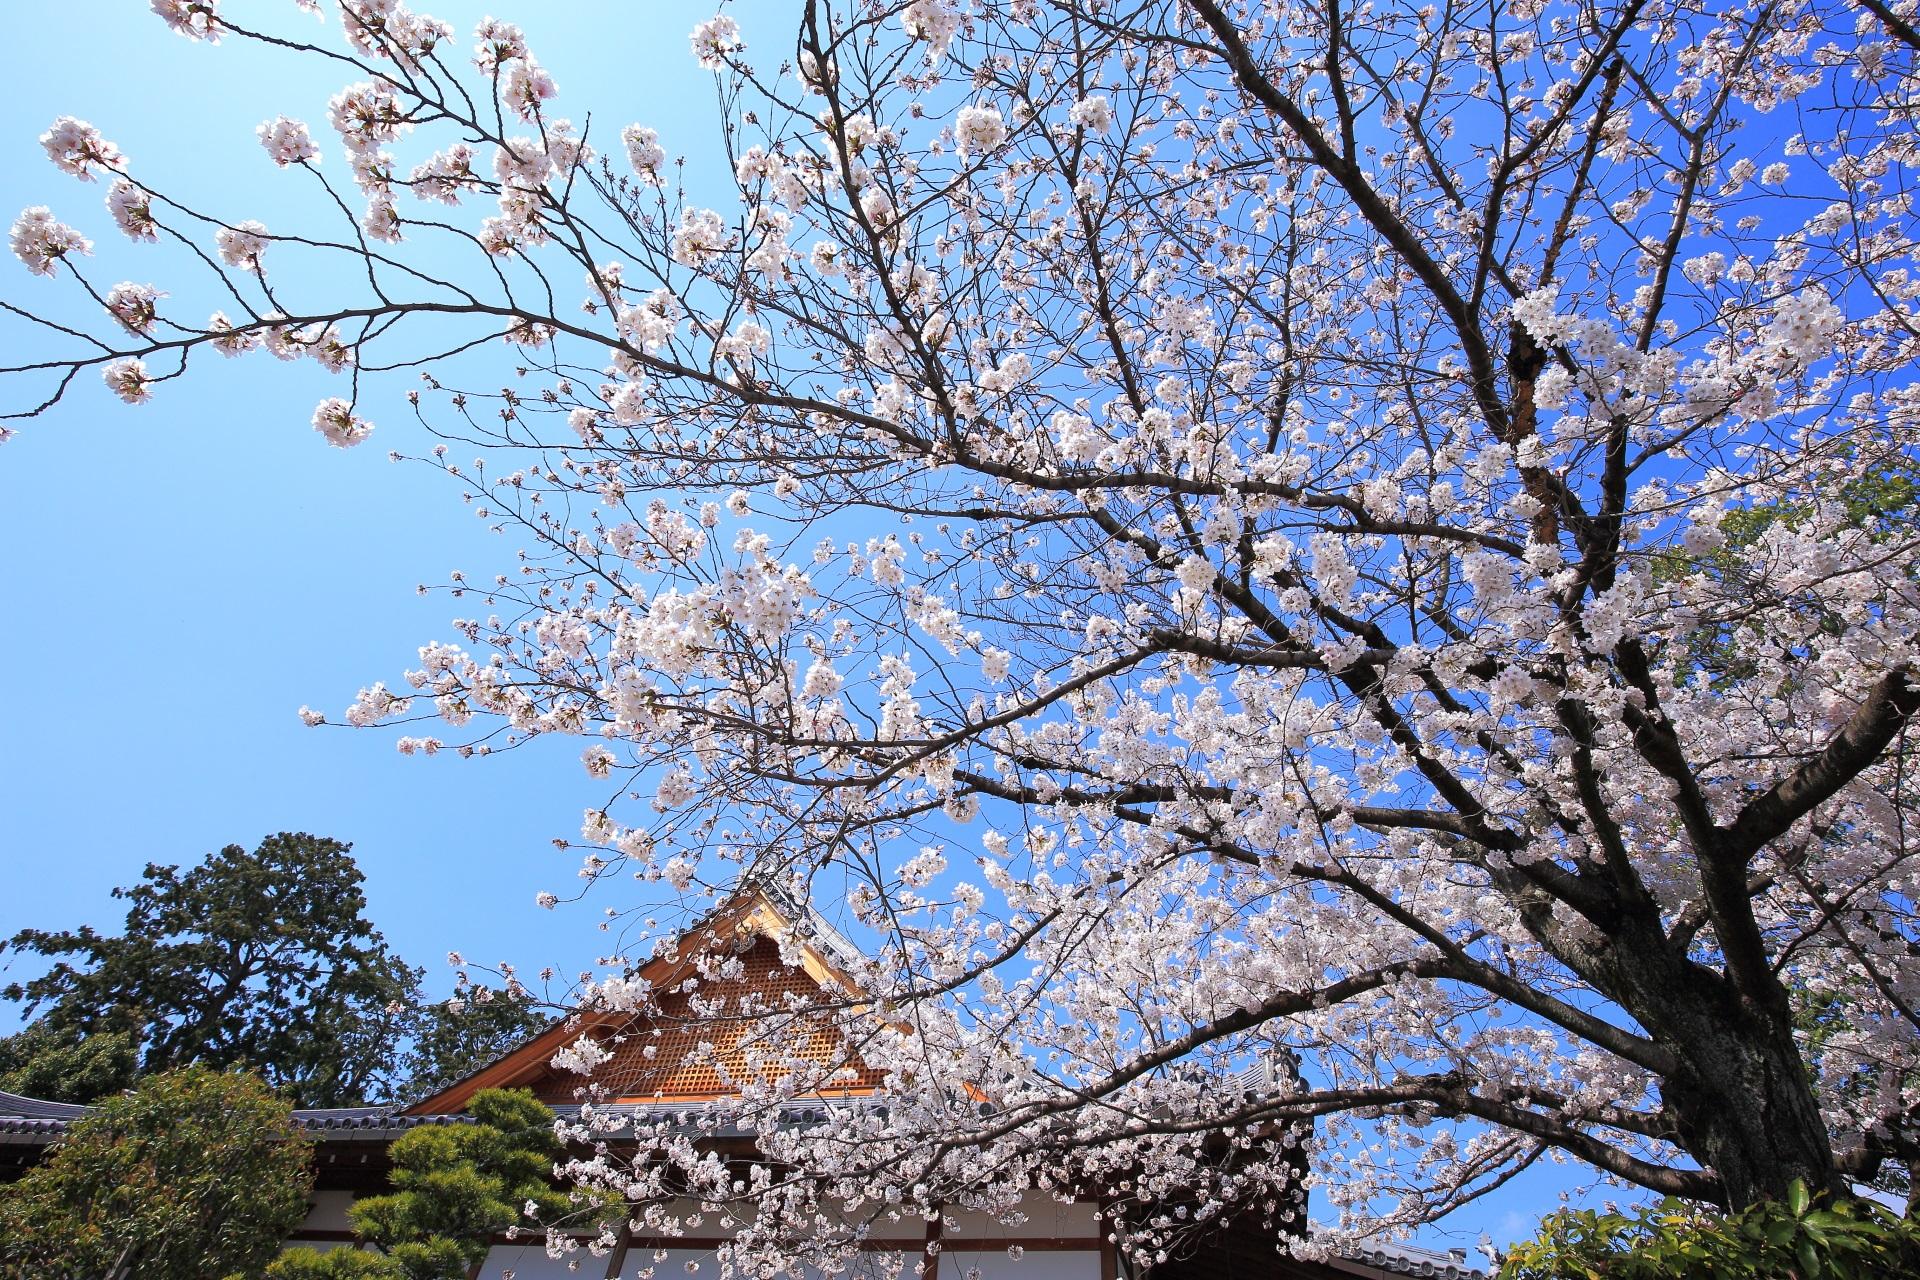 上品蓮台寺の伽藍を背景にした絵になる桜